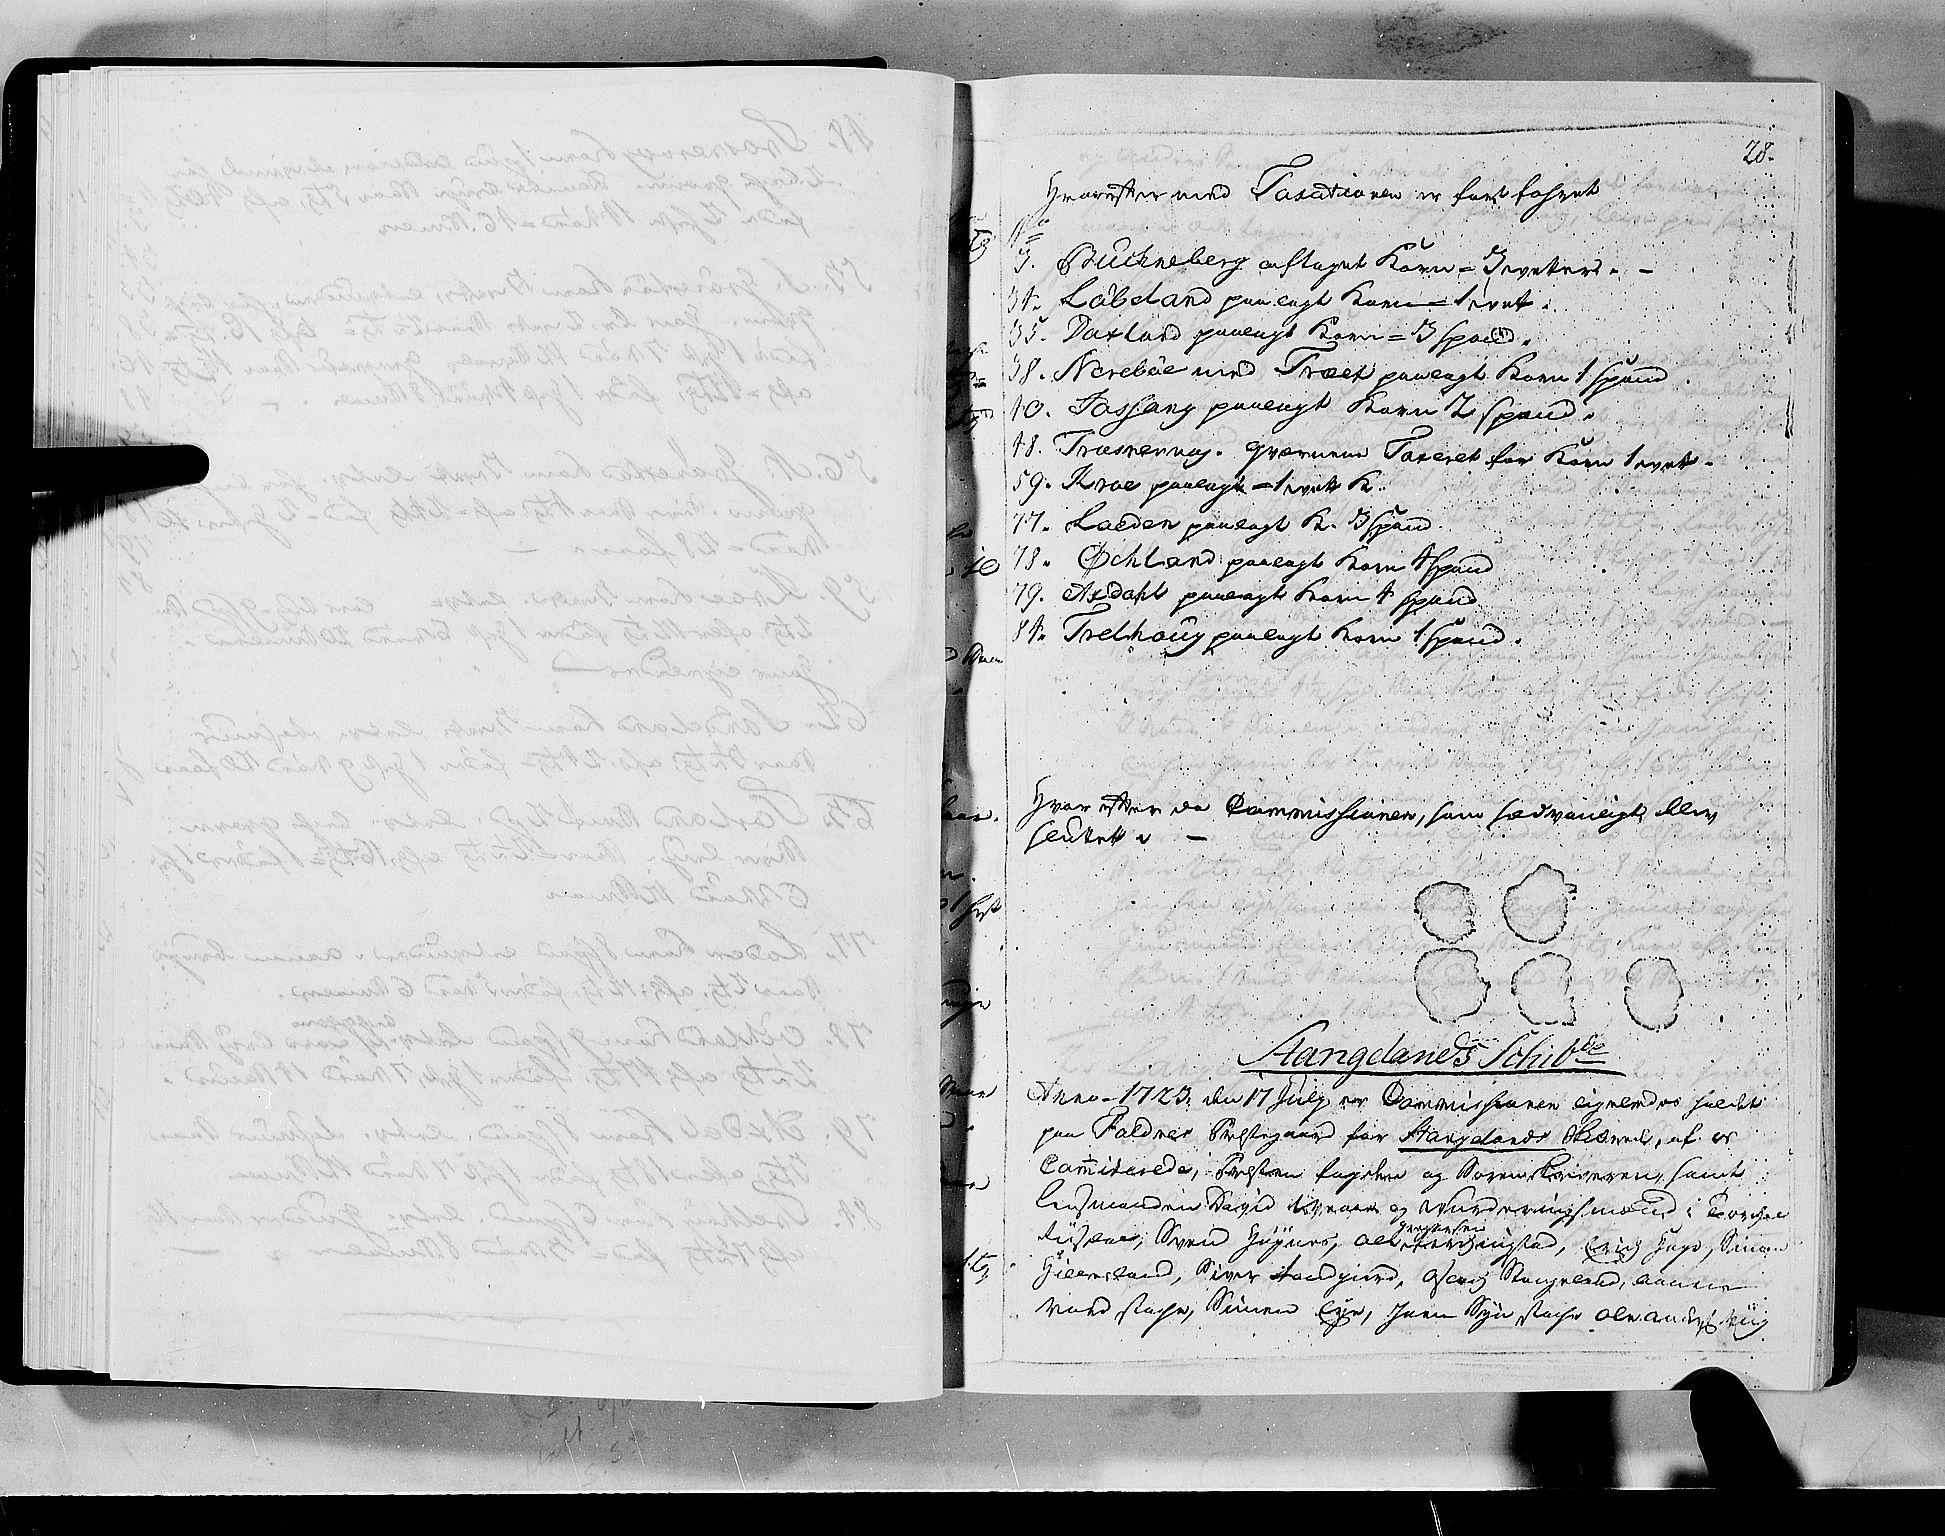 RA, Rentekammeret inntil 1814, Realistisk ordnet avdeling, N/Nb/Nbf/L0133a: Ryfylke eksaminasjonsprotokoll, 1723, s. 28a